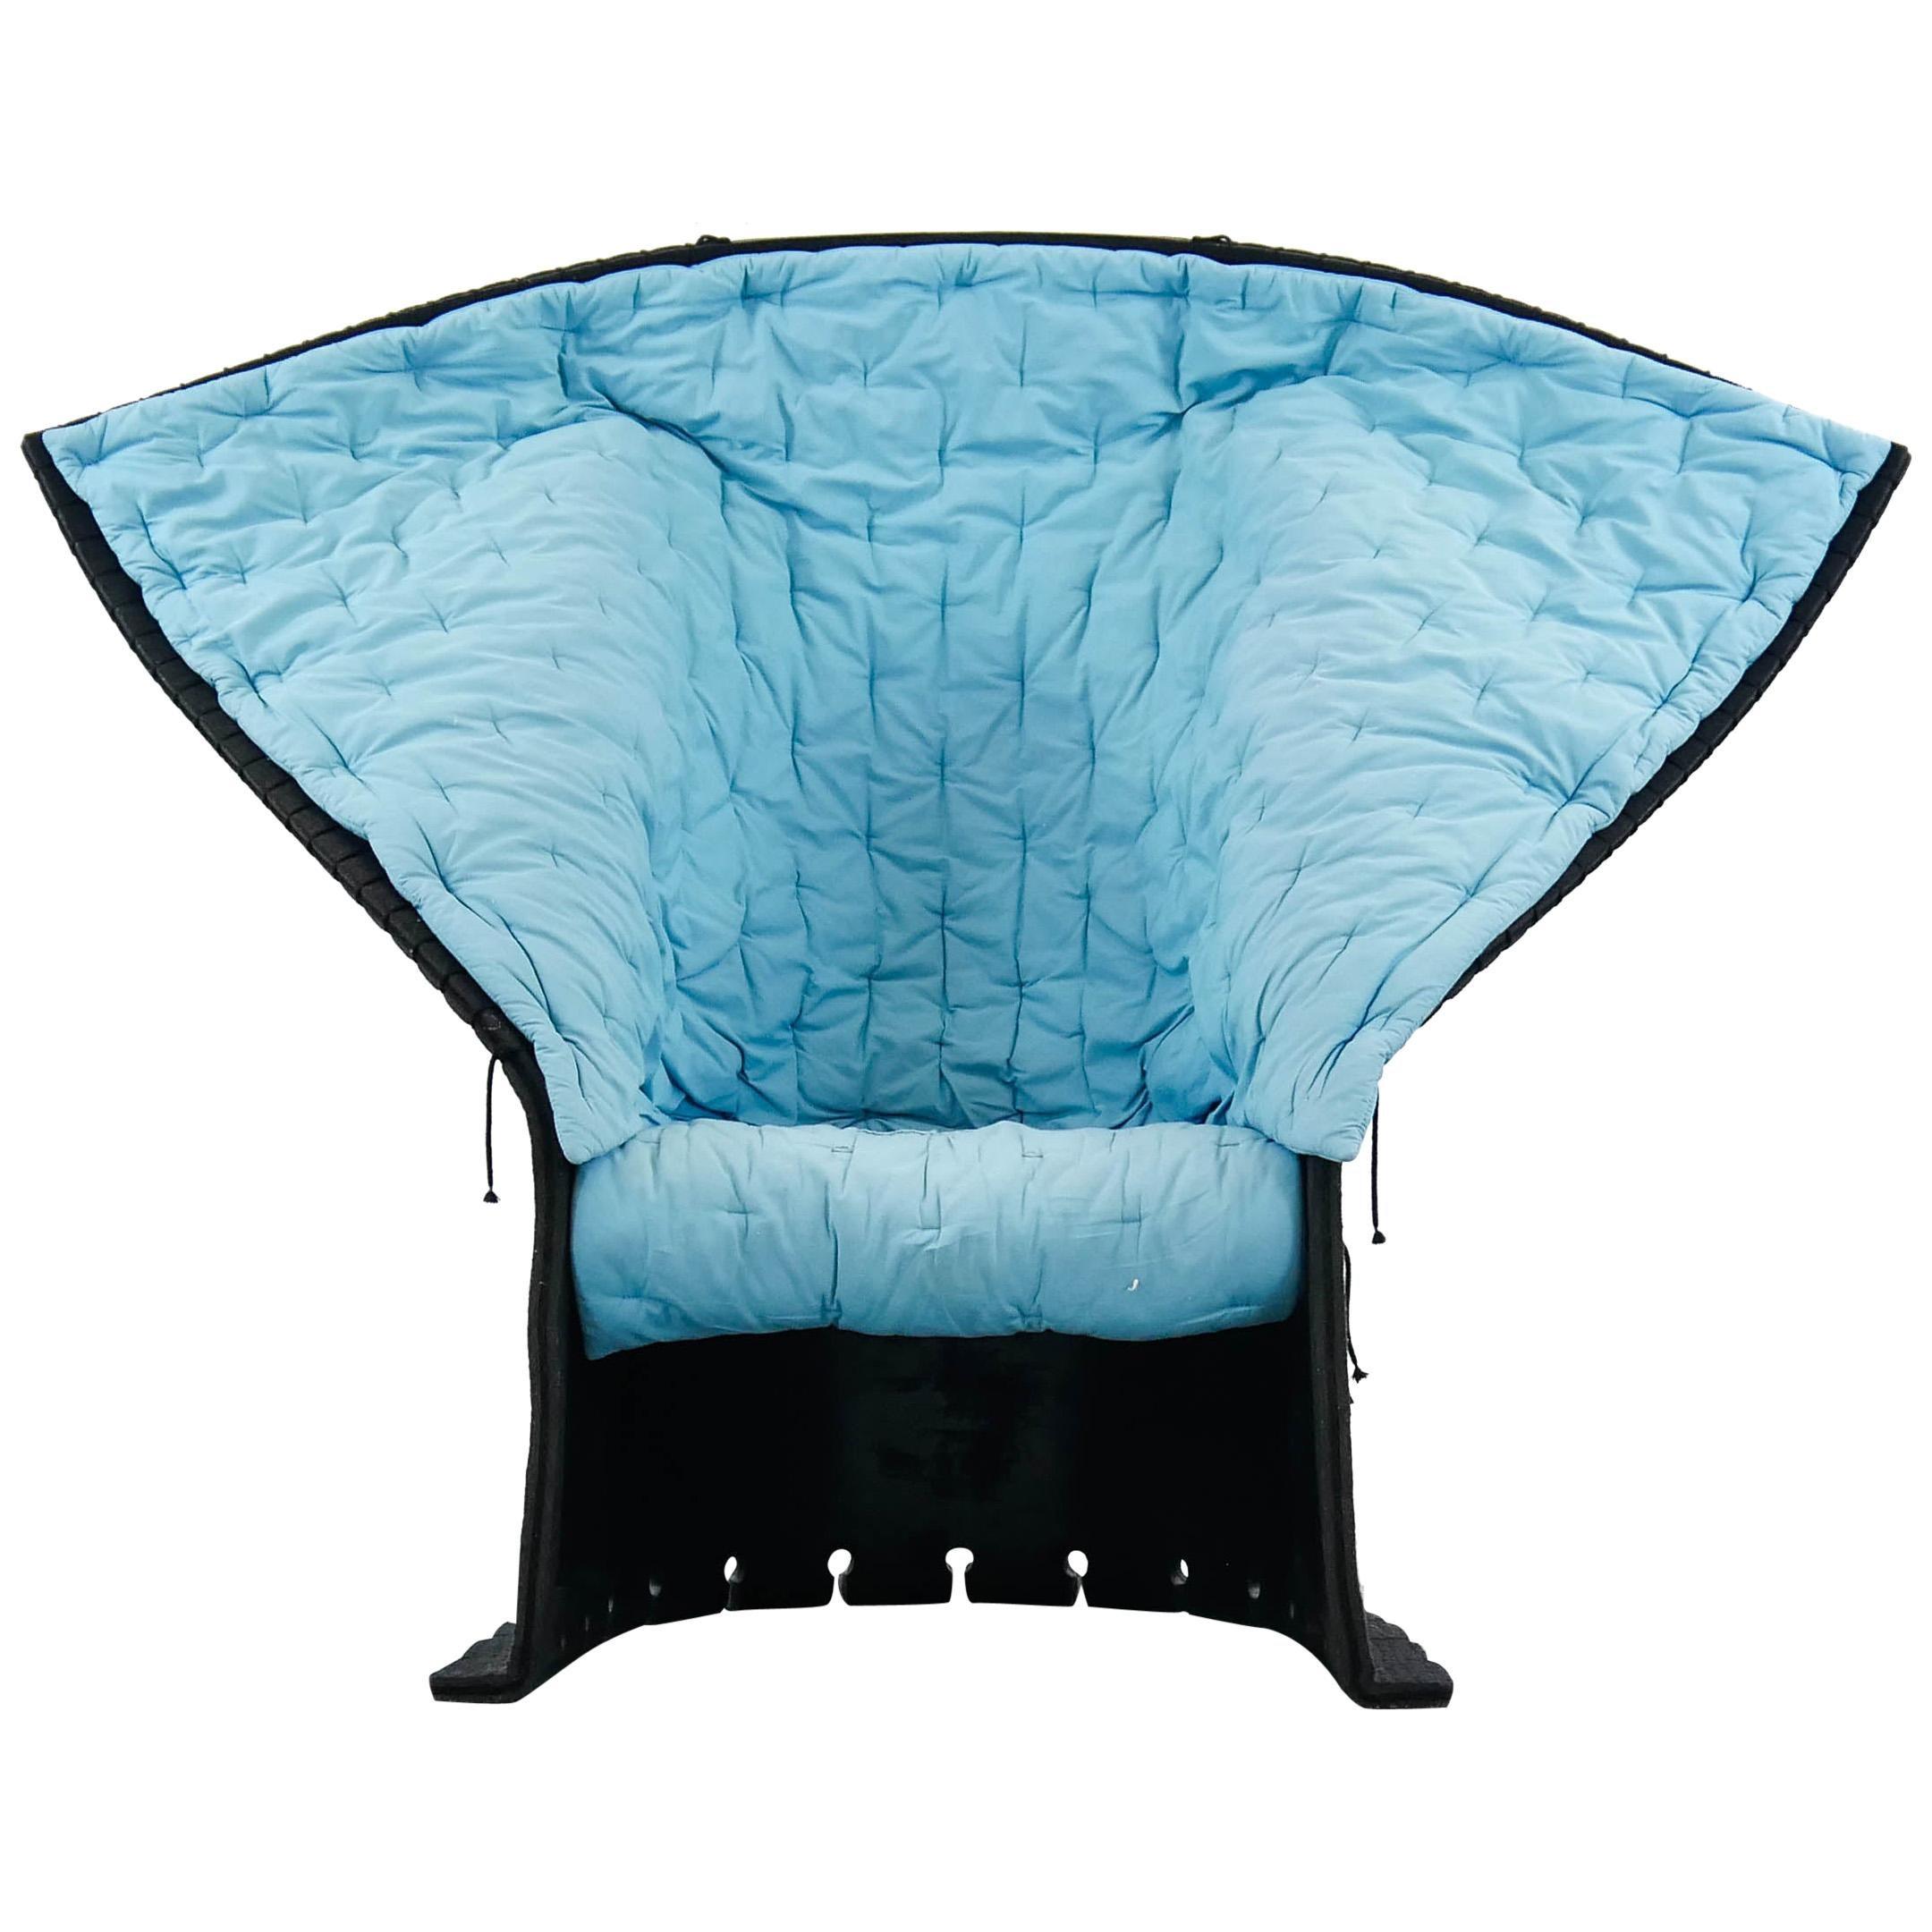 Feltri Chair / Armchair by Gaetano Pesce for Cassina, Italy